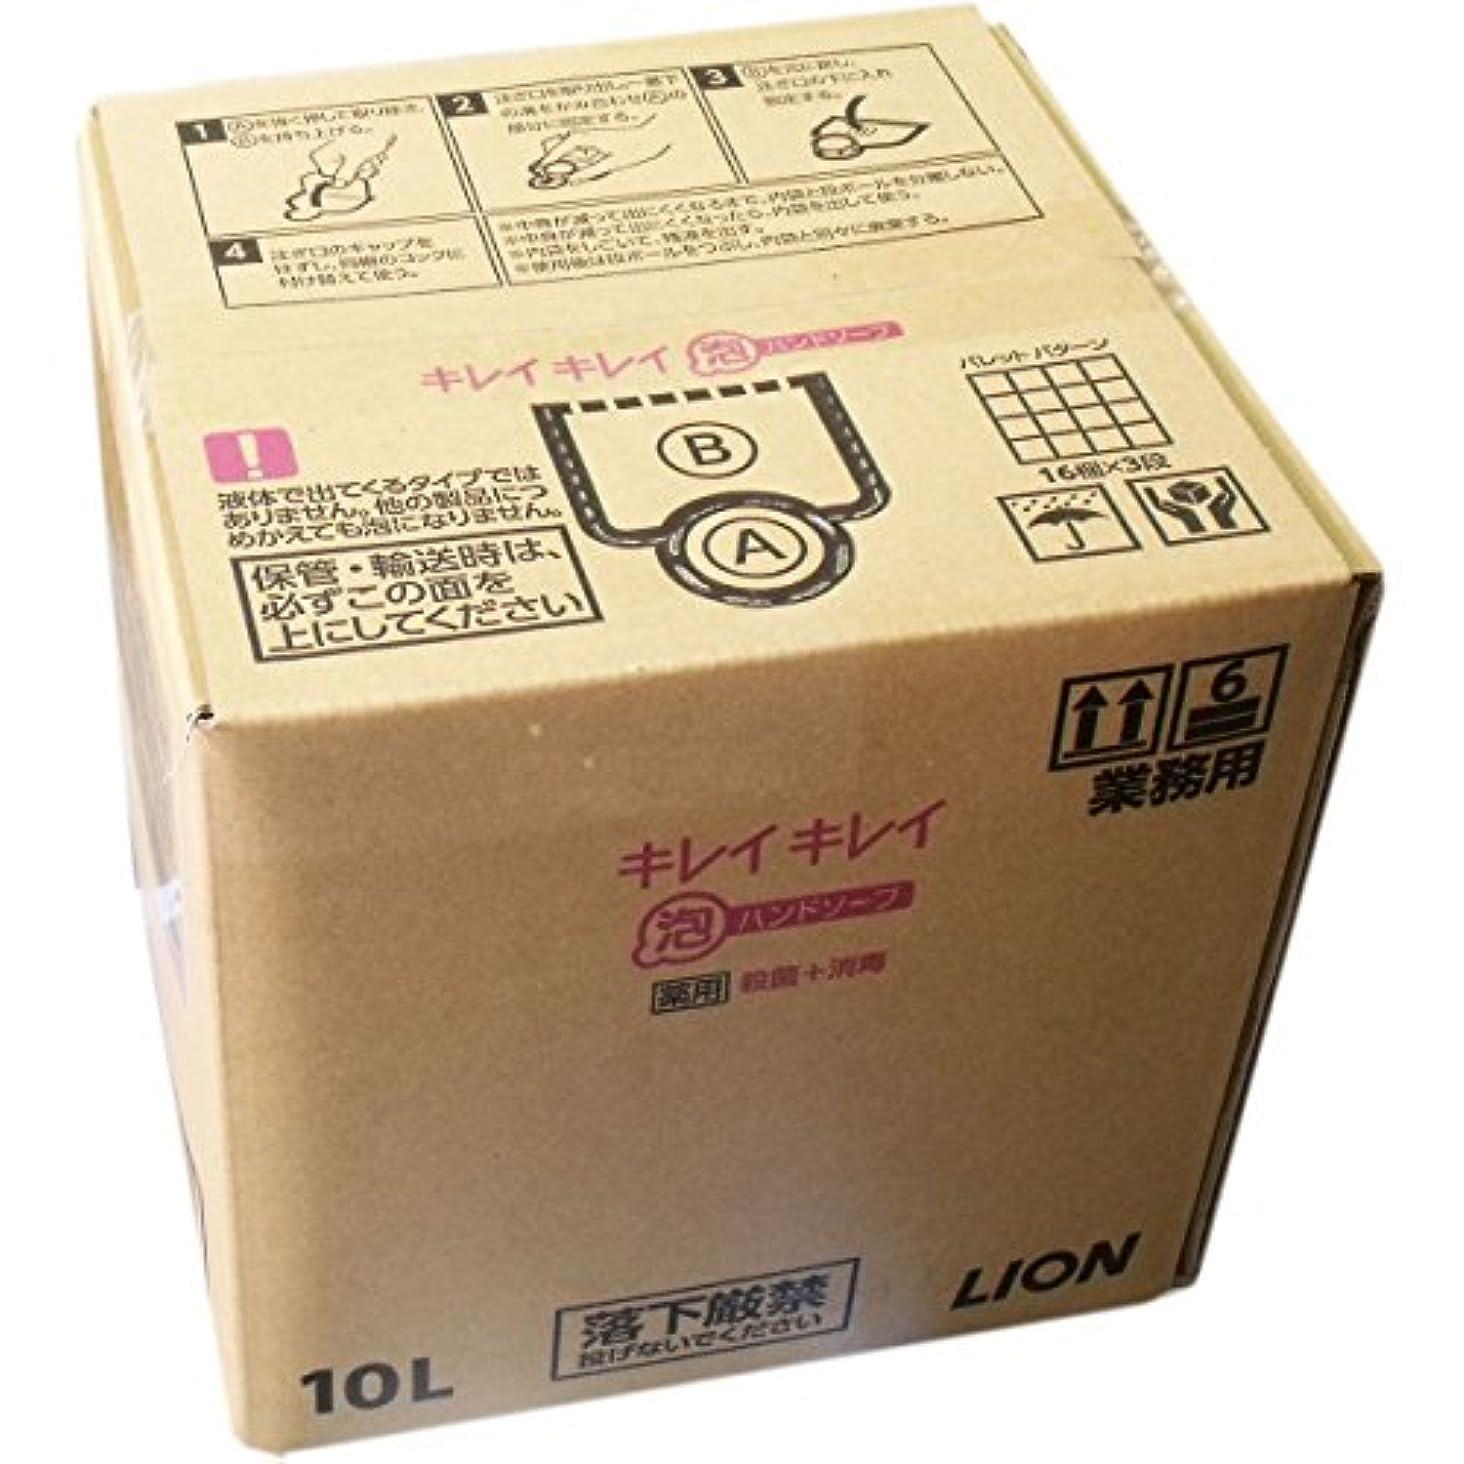 兵器庫納税者置き場ライオン 業務用キレイキレイ 薬用泡ハンドソープ 10L